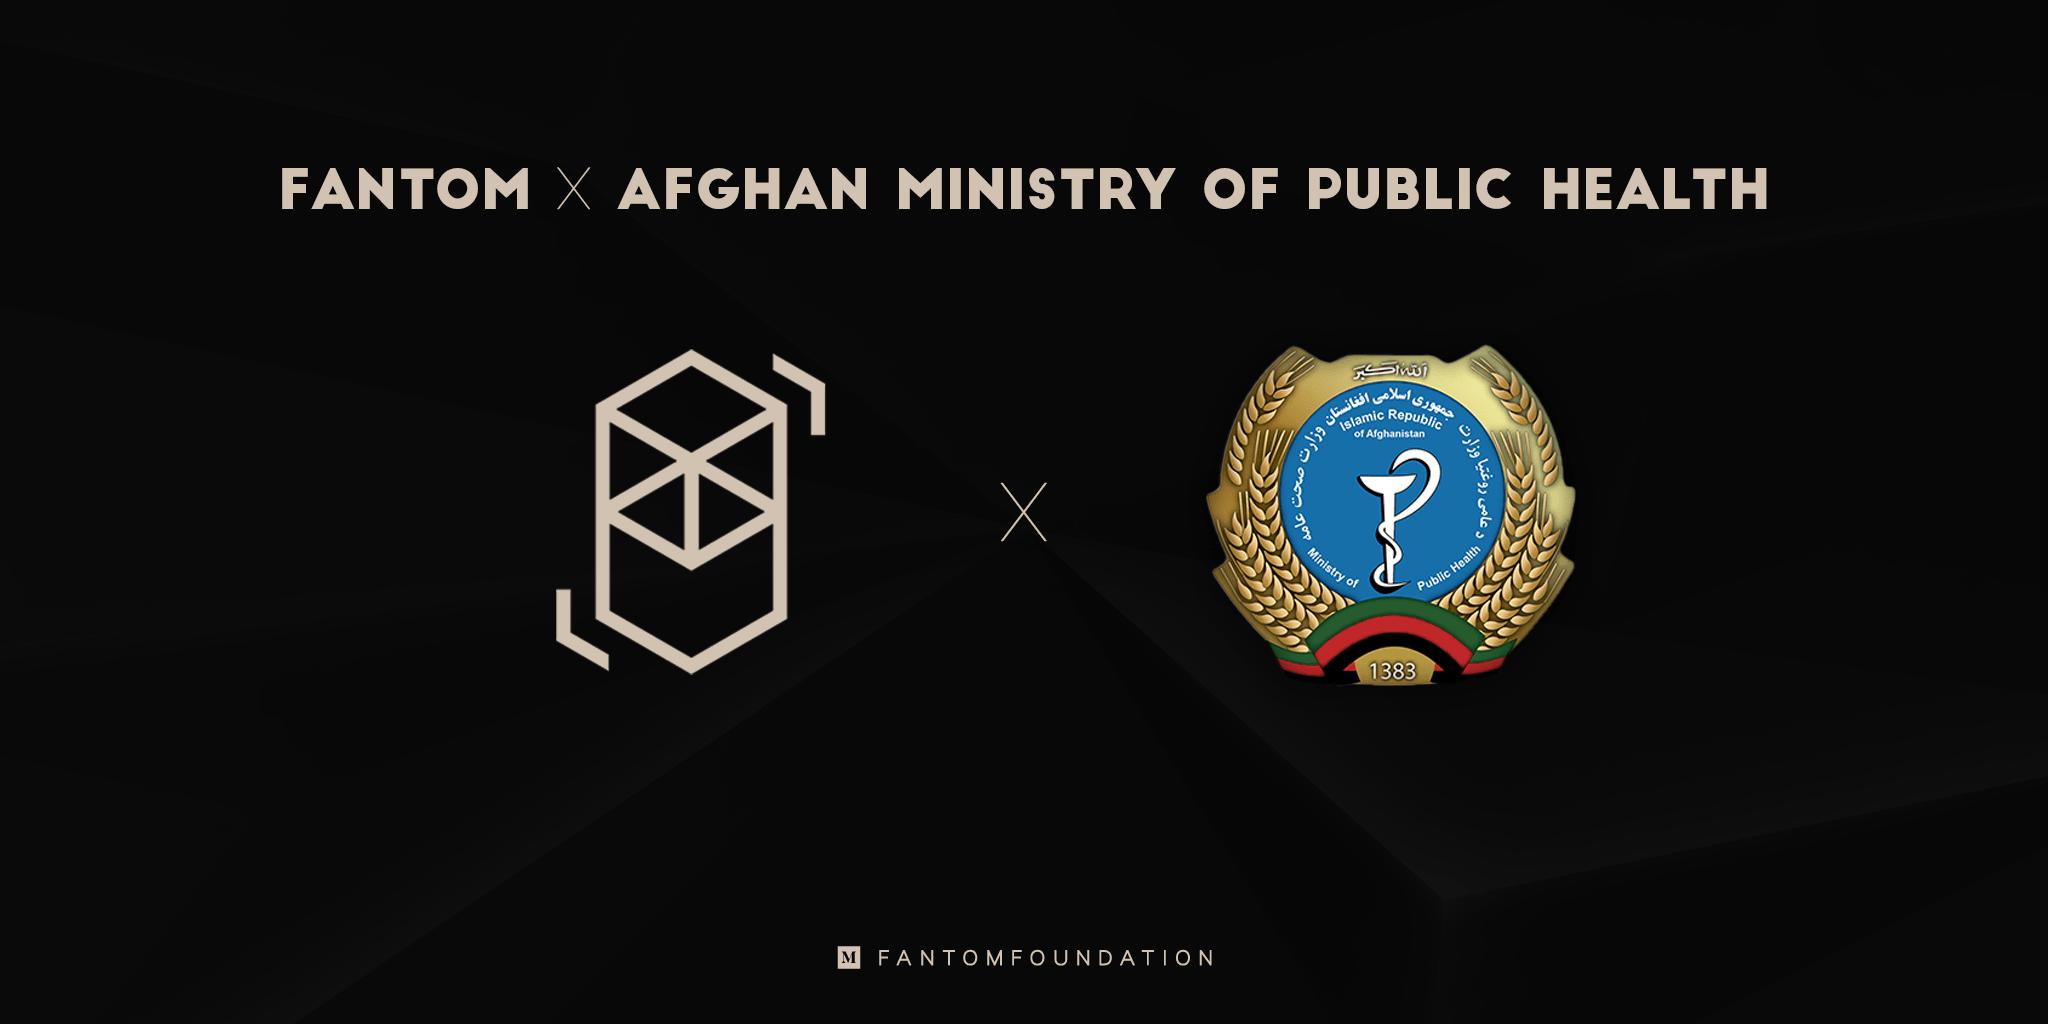 مشروع Fantom يكشف عن شراكة جديدة مع الحكومة الأفغانية لإستخدام البلوكشين